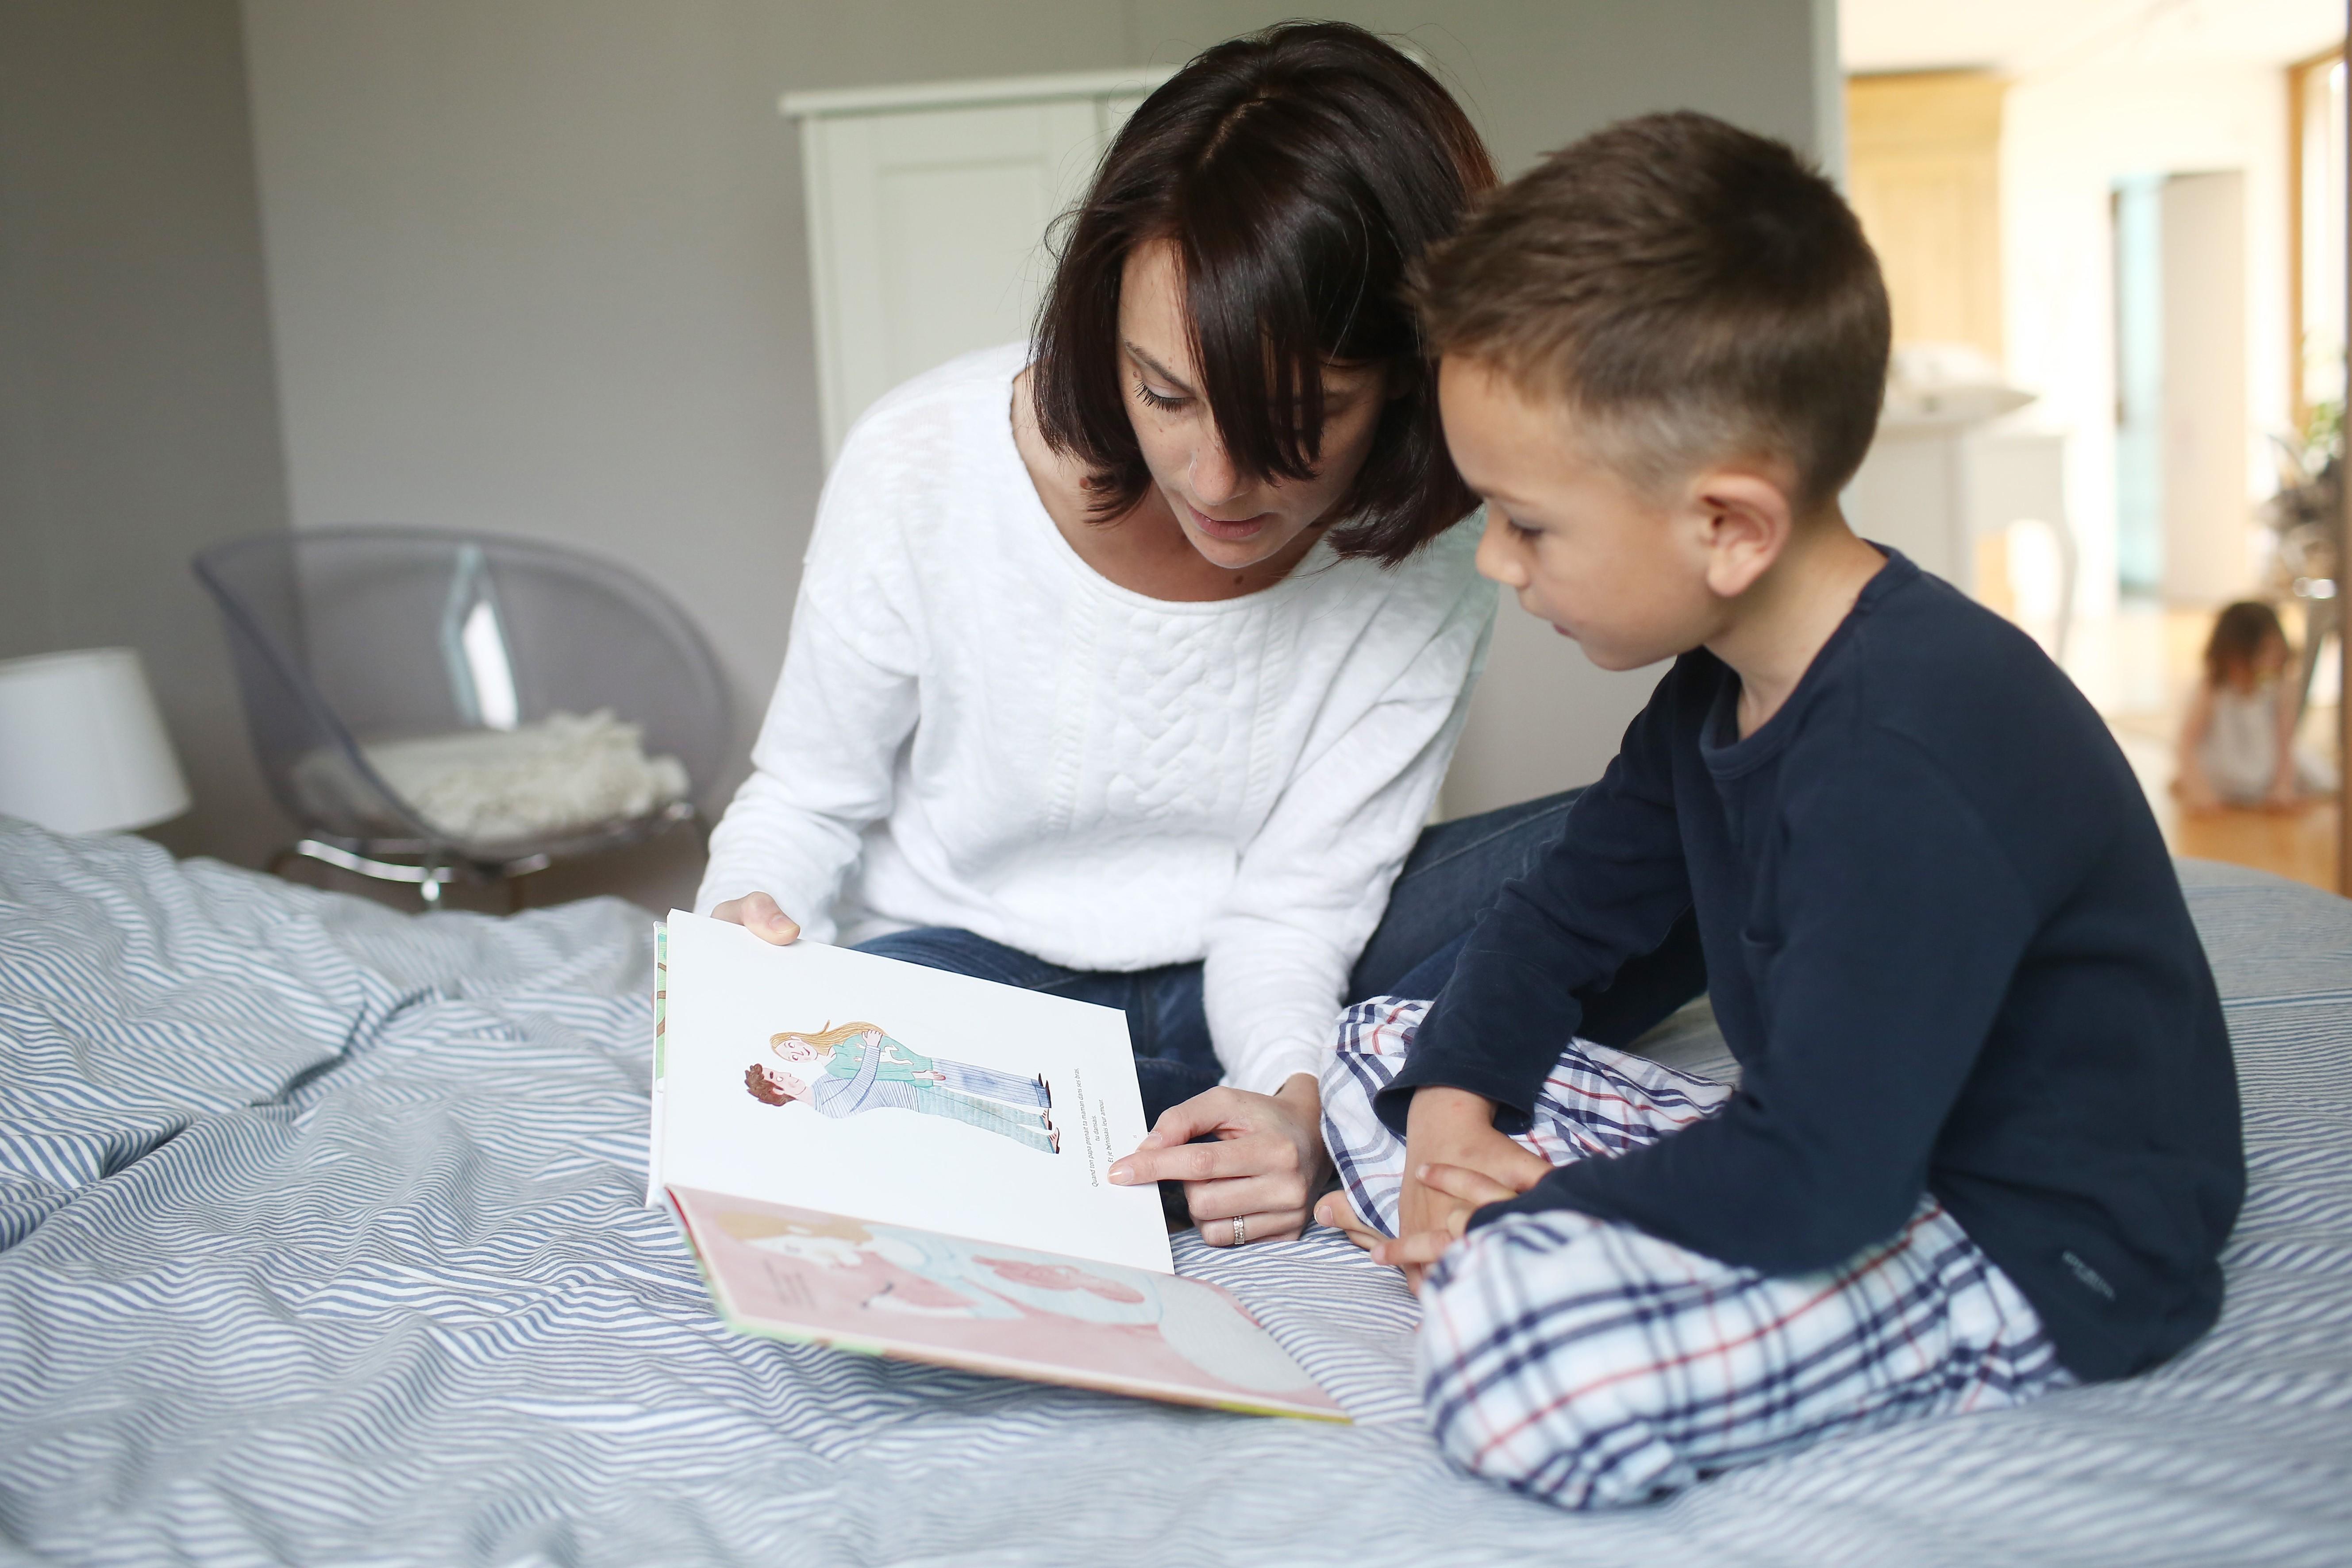 Mãe lendo um livro para seu filho de 5 anos de idade. Eles estão sentados em cima de uma cama.